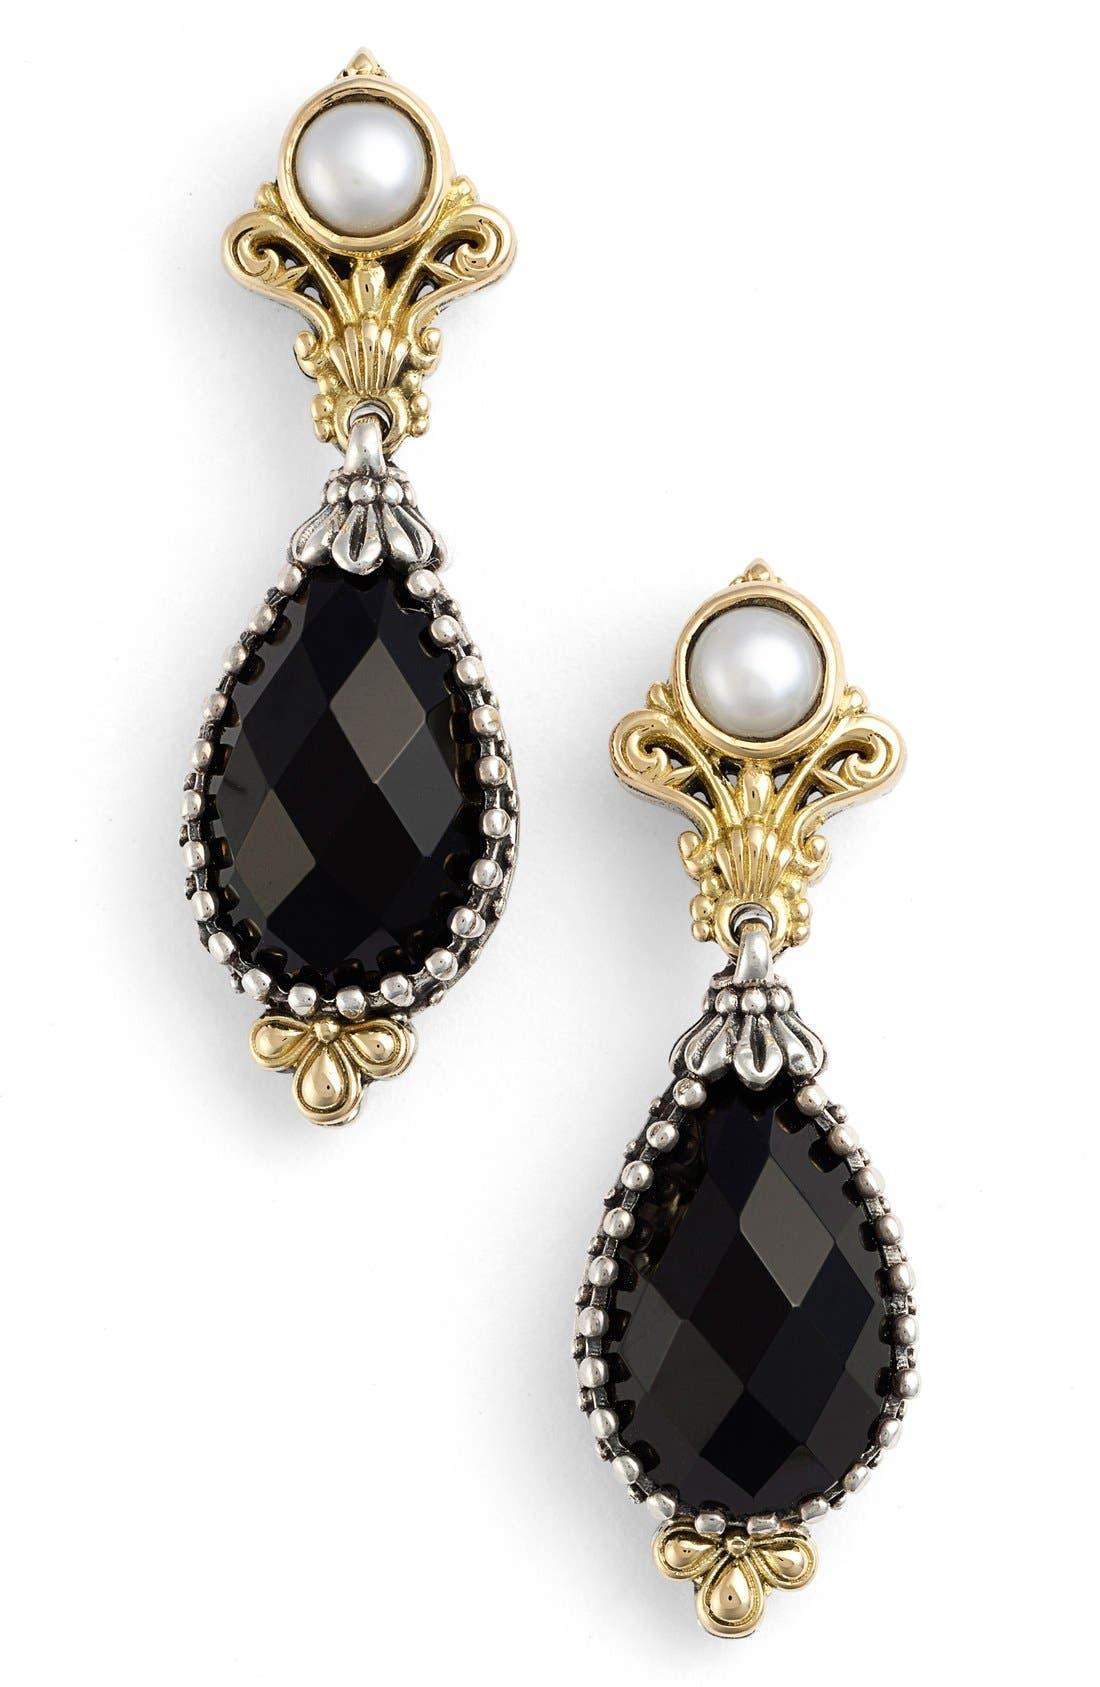 Alternate Image 1 Selected - Konstantino 'Nykta' Pearl & Black Onyx Drop Earrings